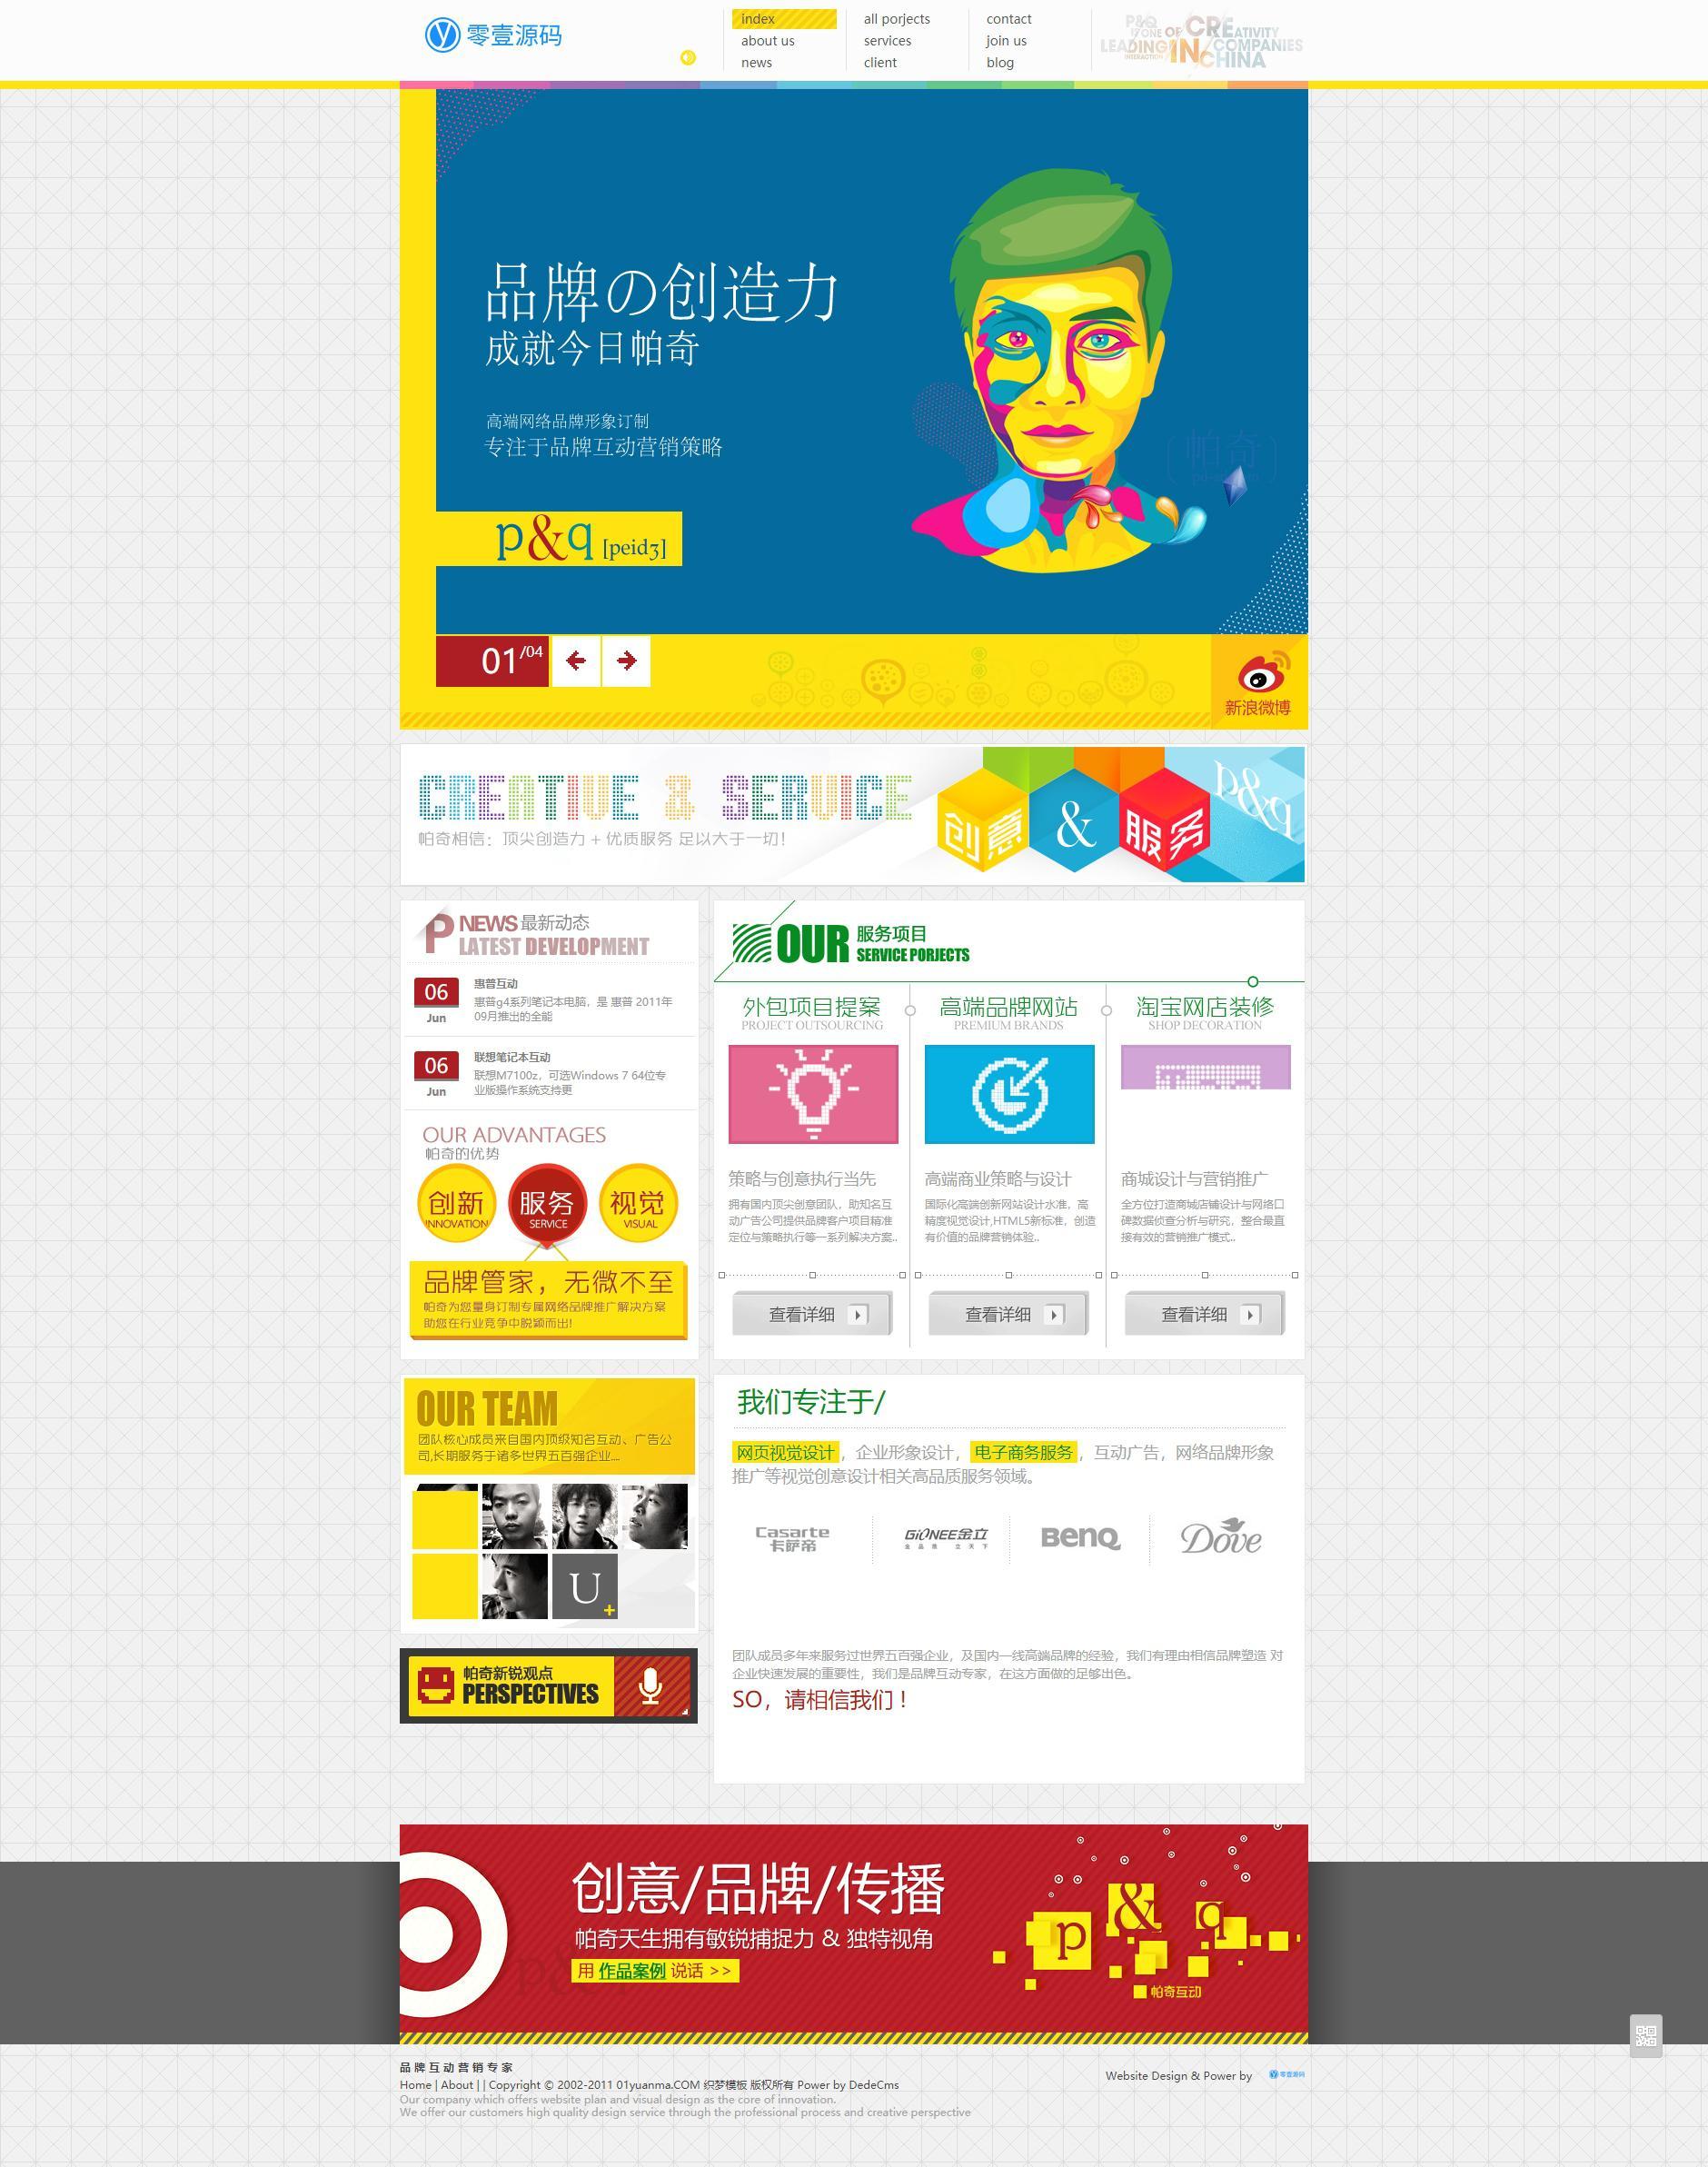 创意网络营销类企业网站织梦dedecms模板